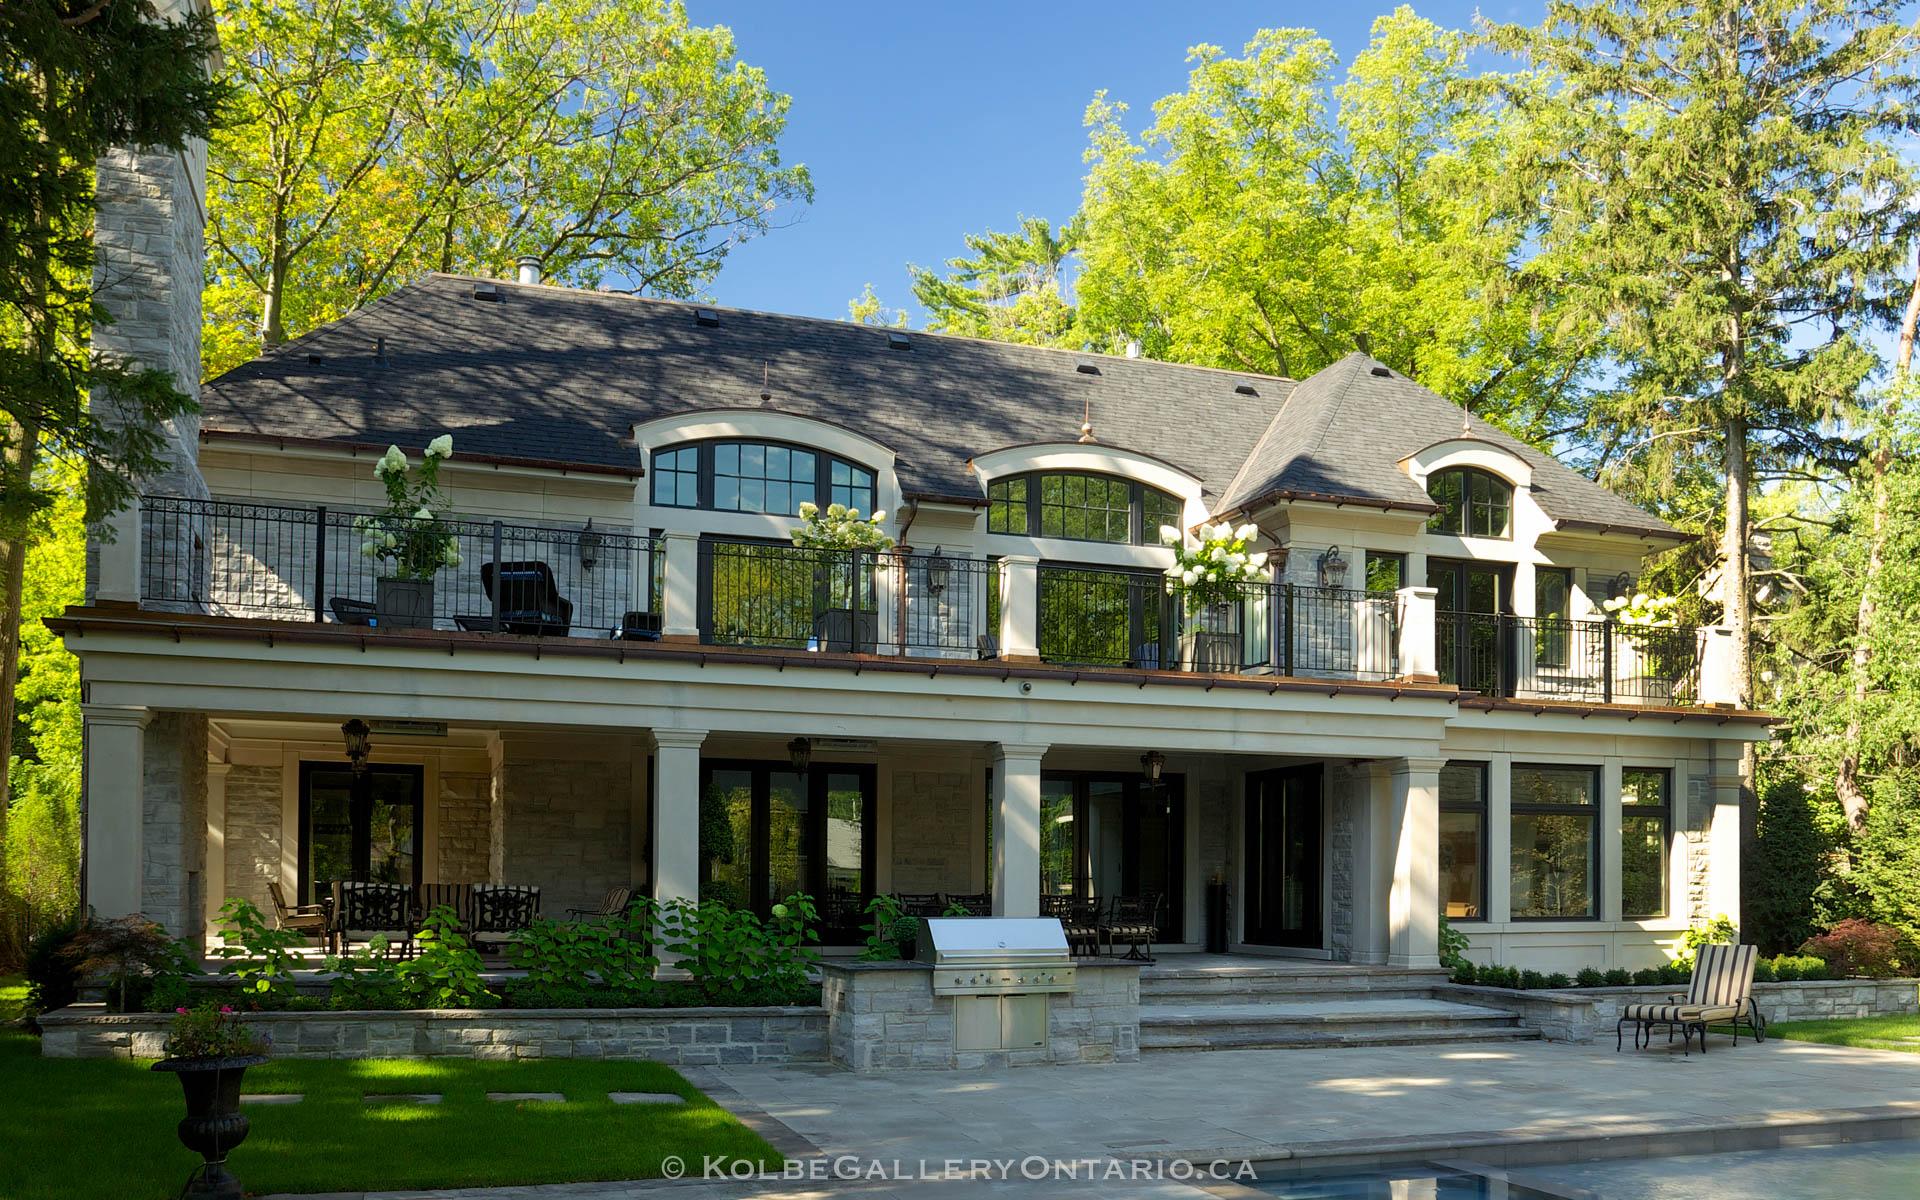 KolbeGalleryOntario.ca-windows-and-doors-backgrounds-20130904-093519